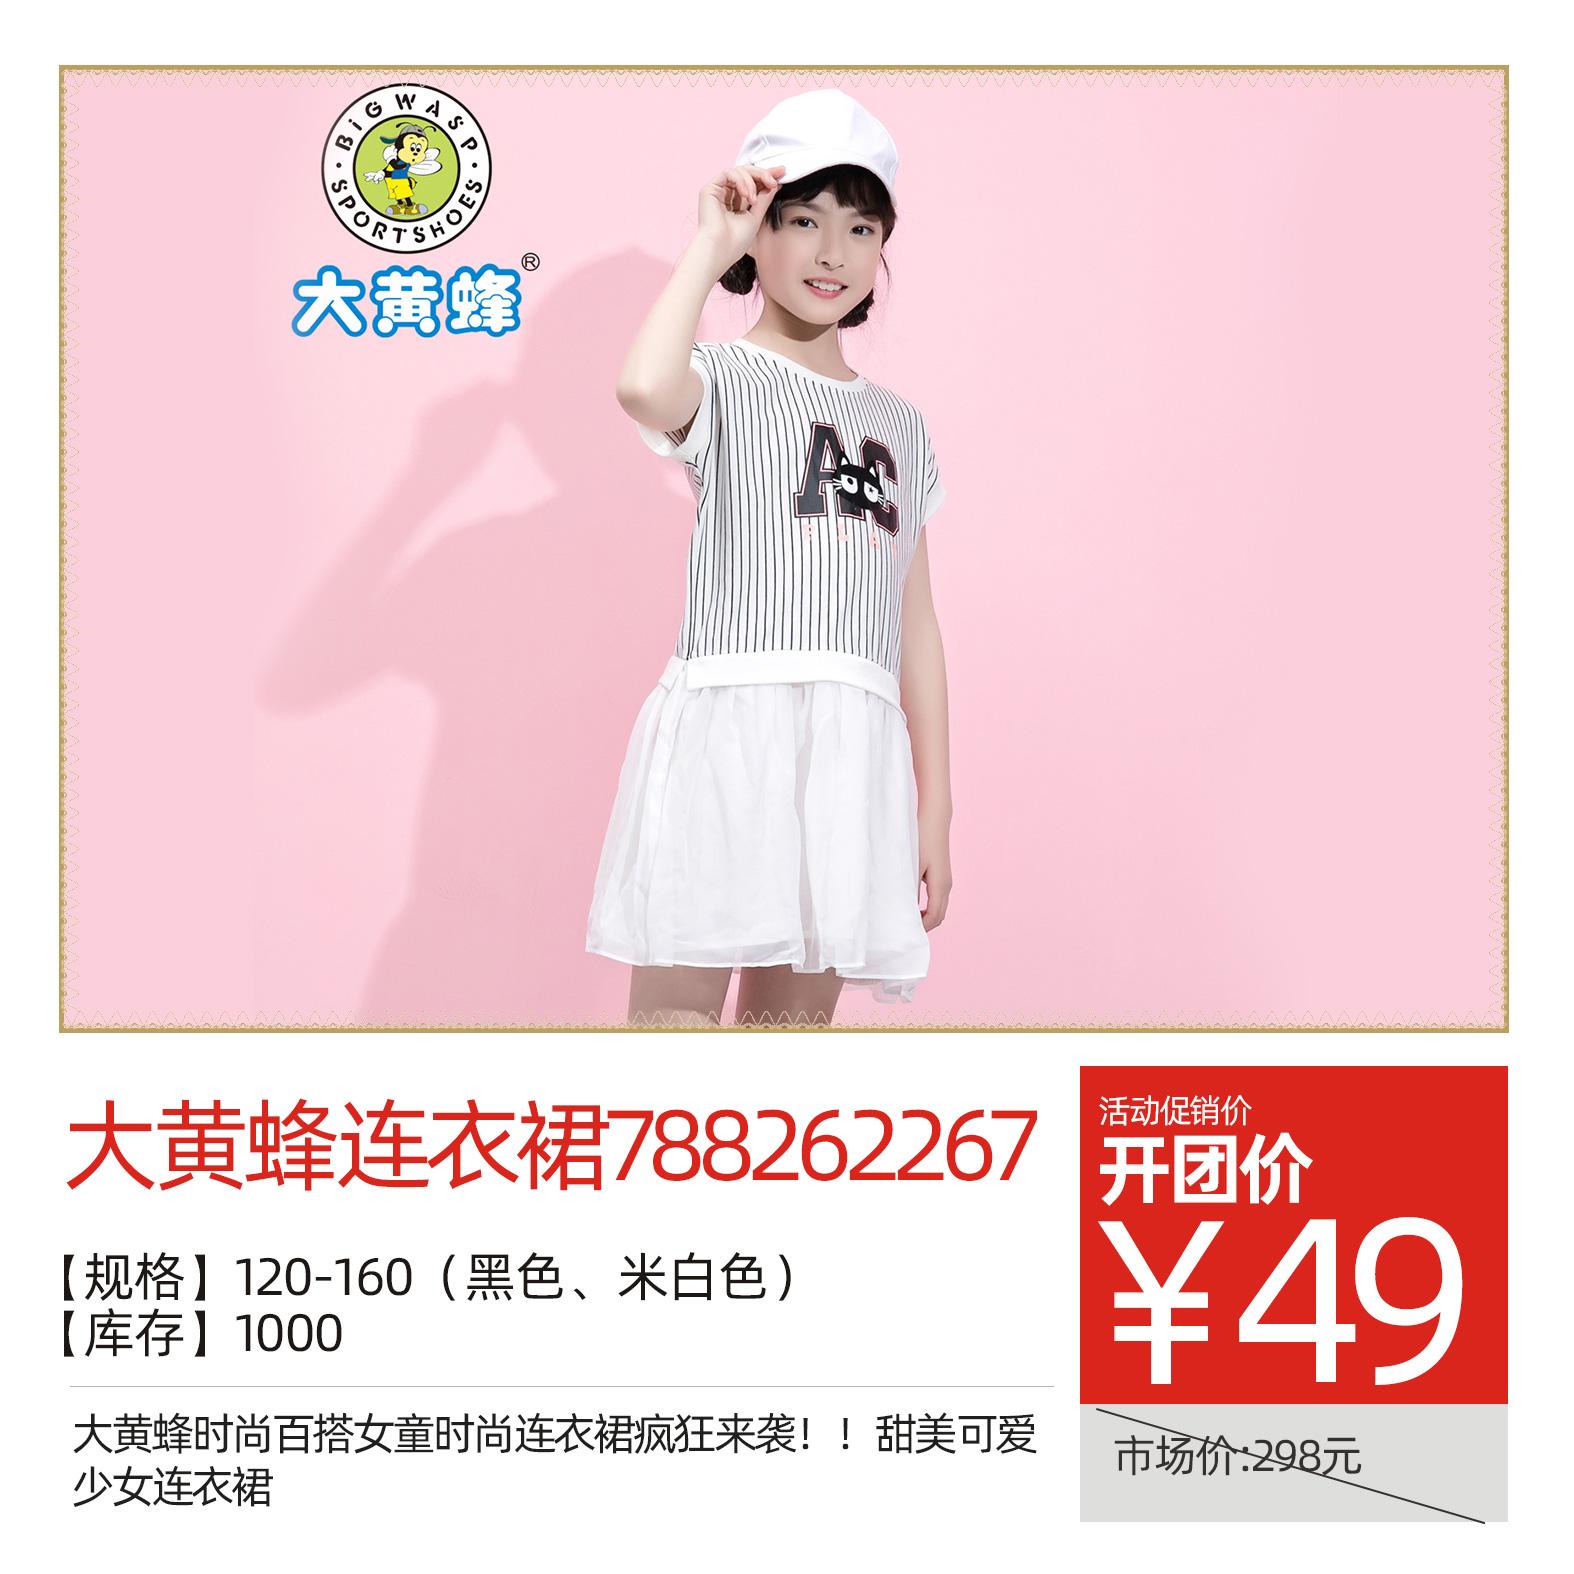 【大黄蜂】连衣裙788262267